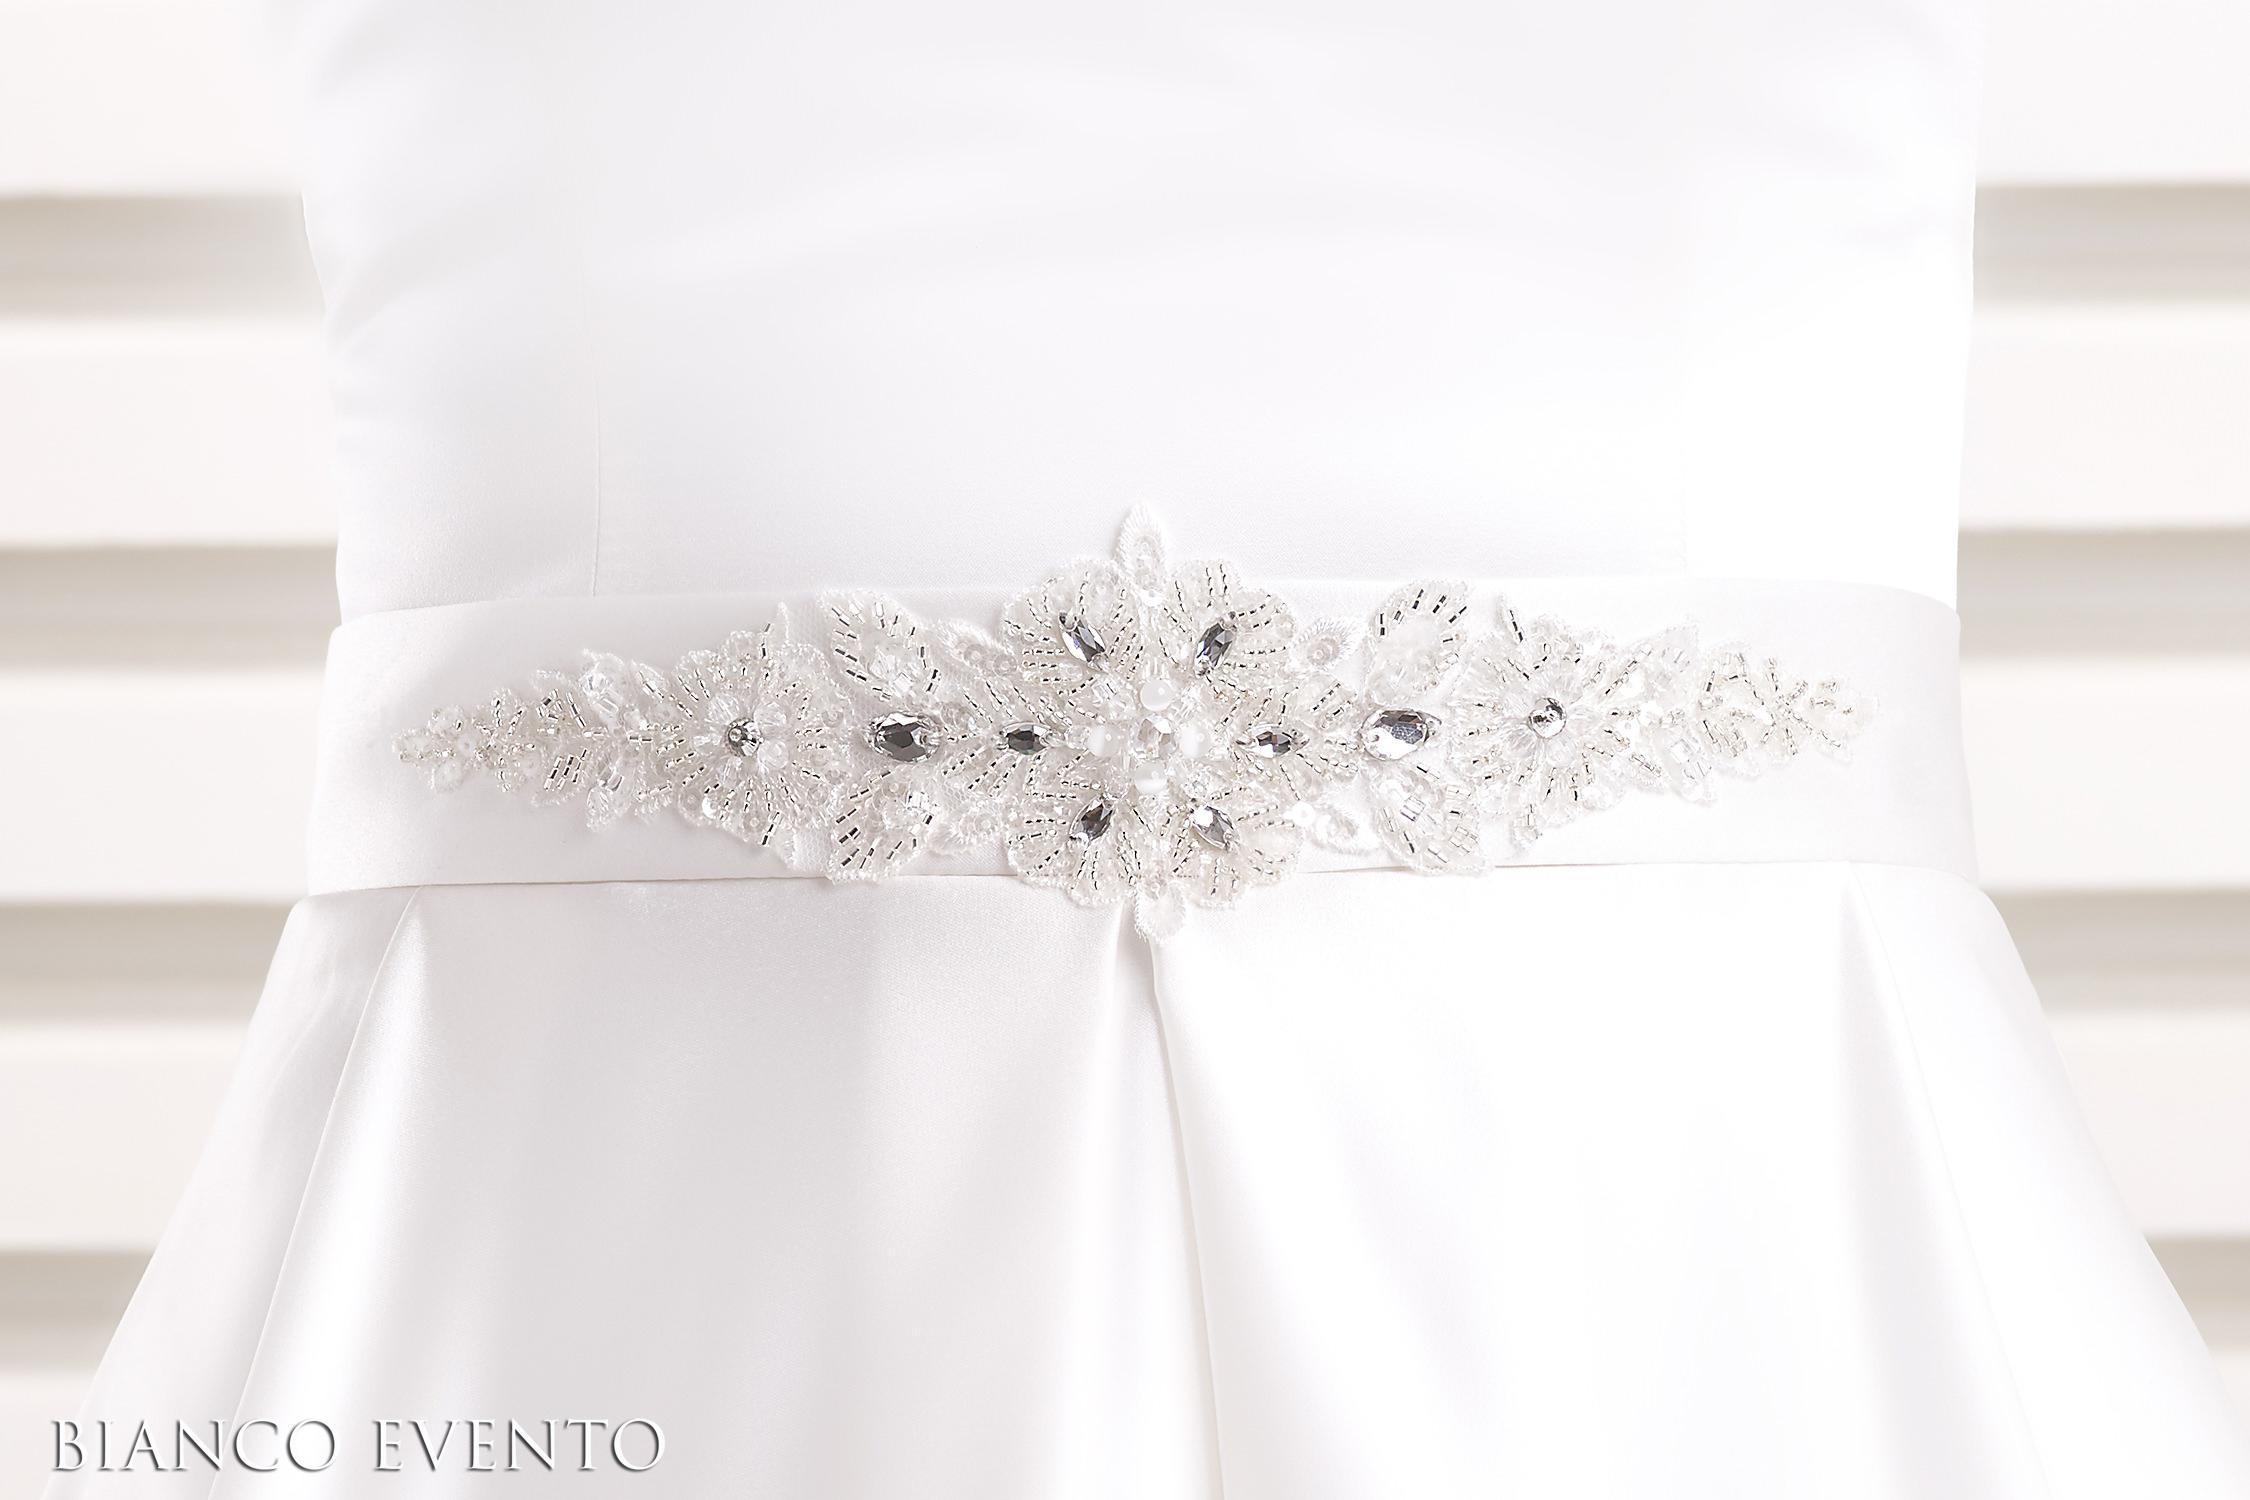 Bianco Evento - Öv PA2, Ivory